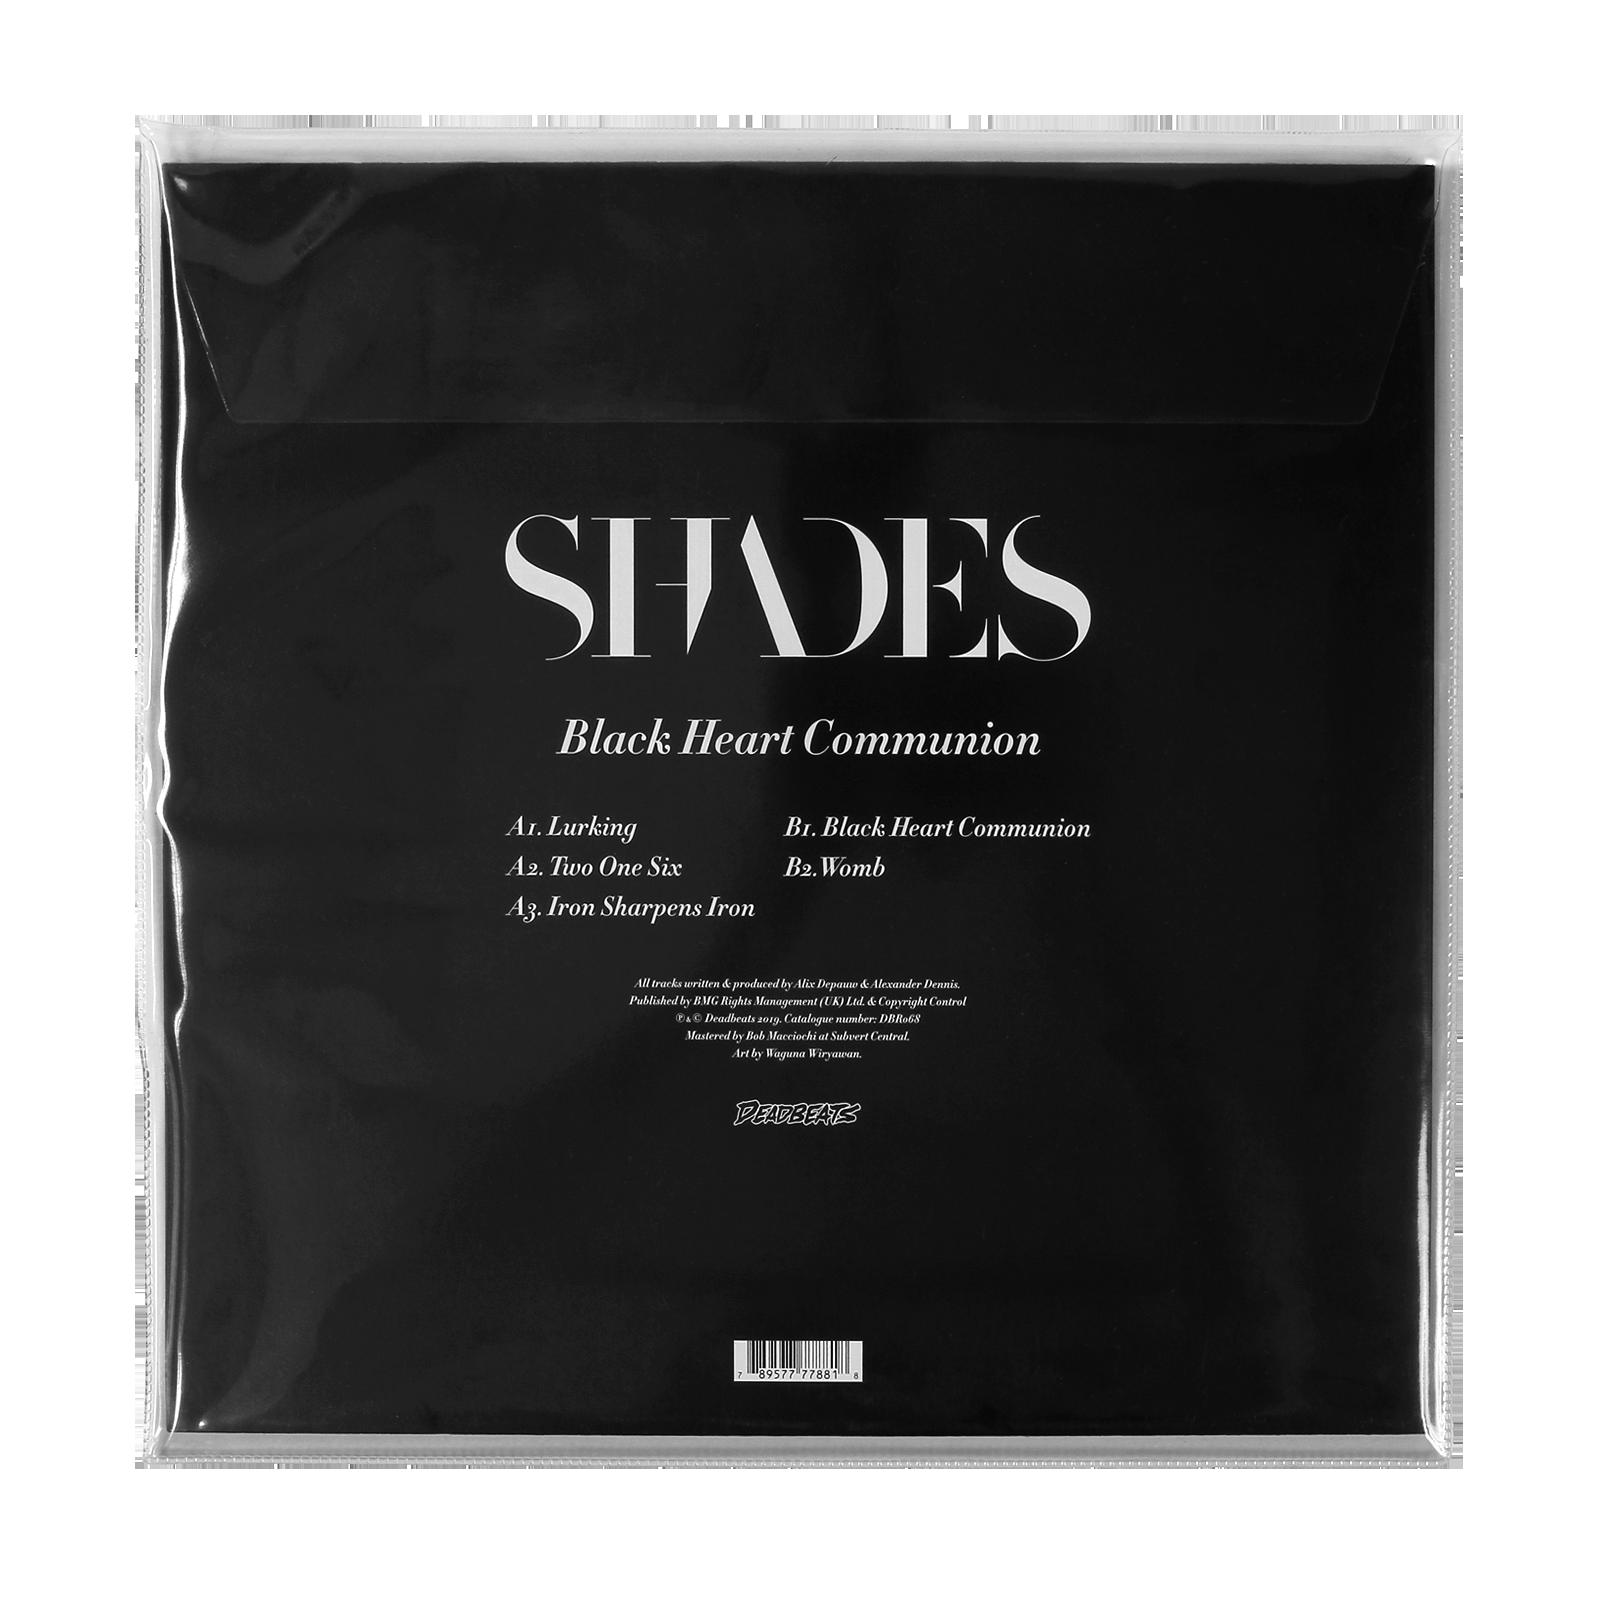 Black Heart Communion 180g Vinyl